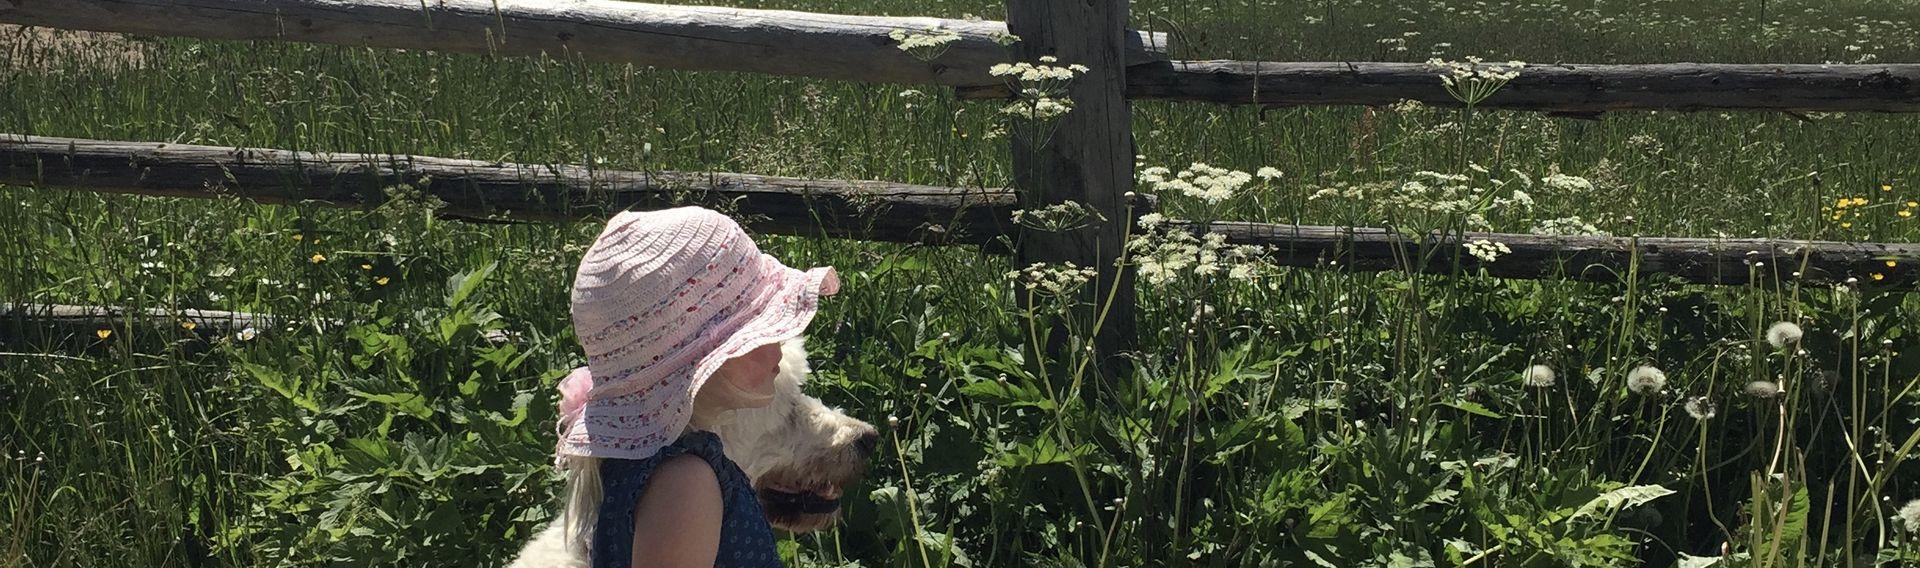 Familienurlaub in Südtirol mit Hund